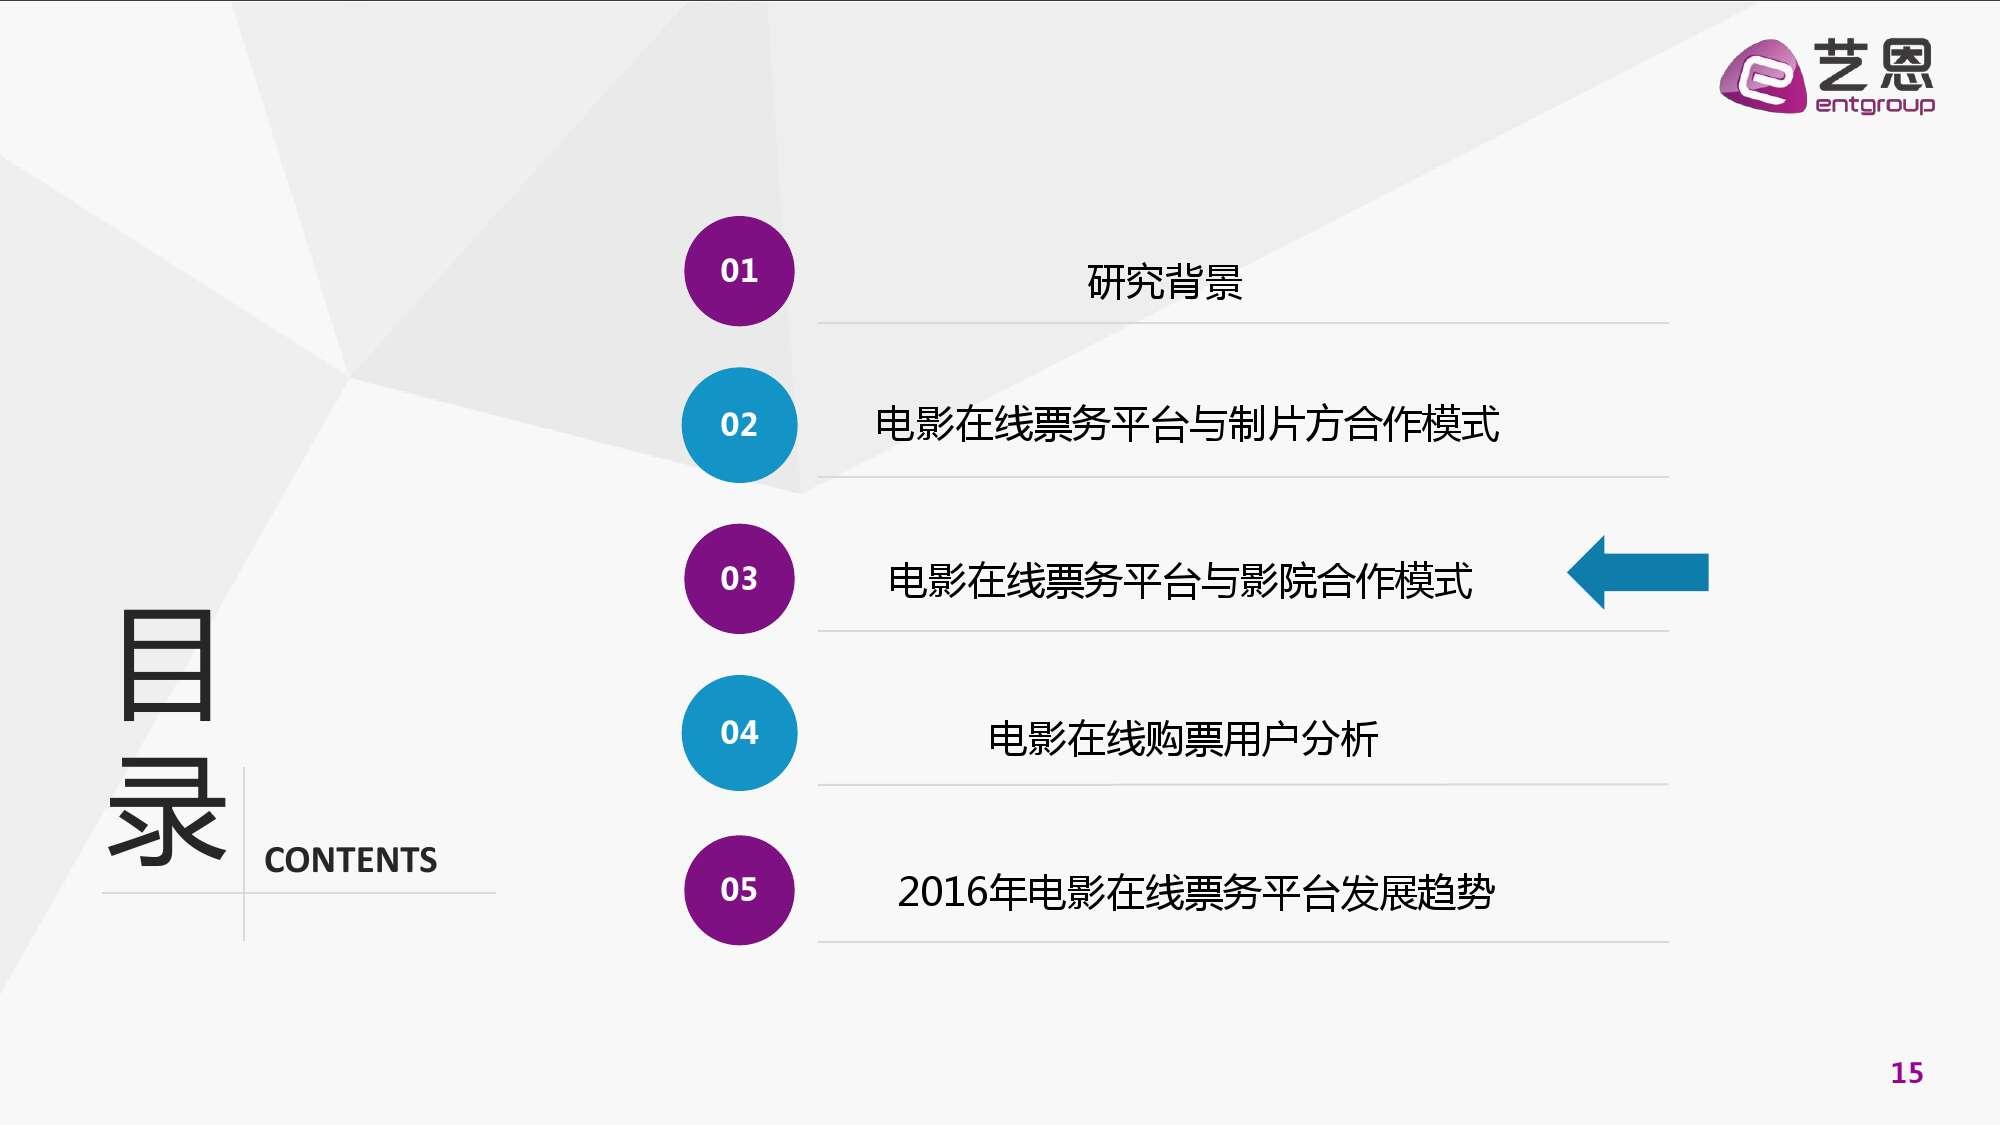 2016年中国电影在线票务市场研究报告_000015